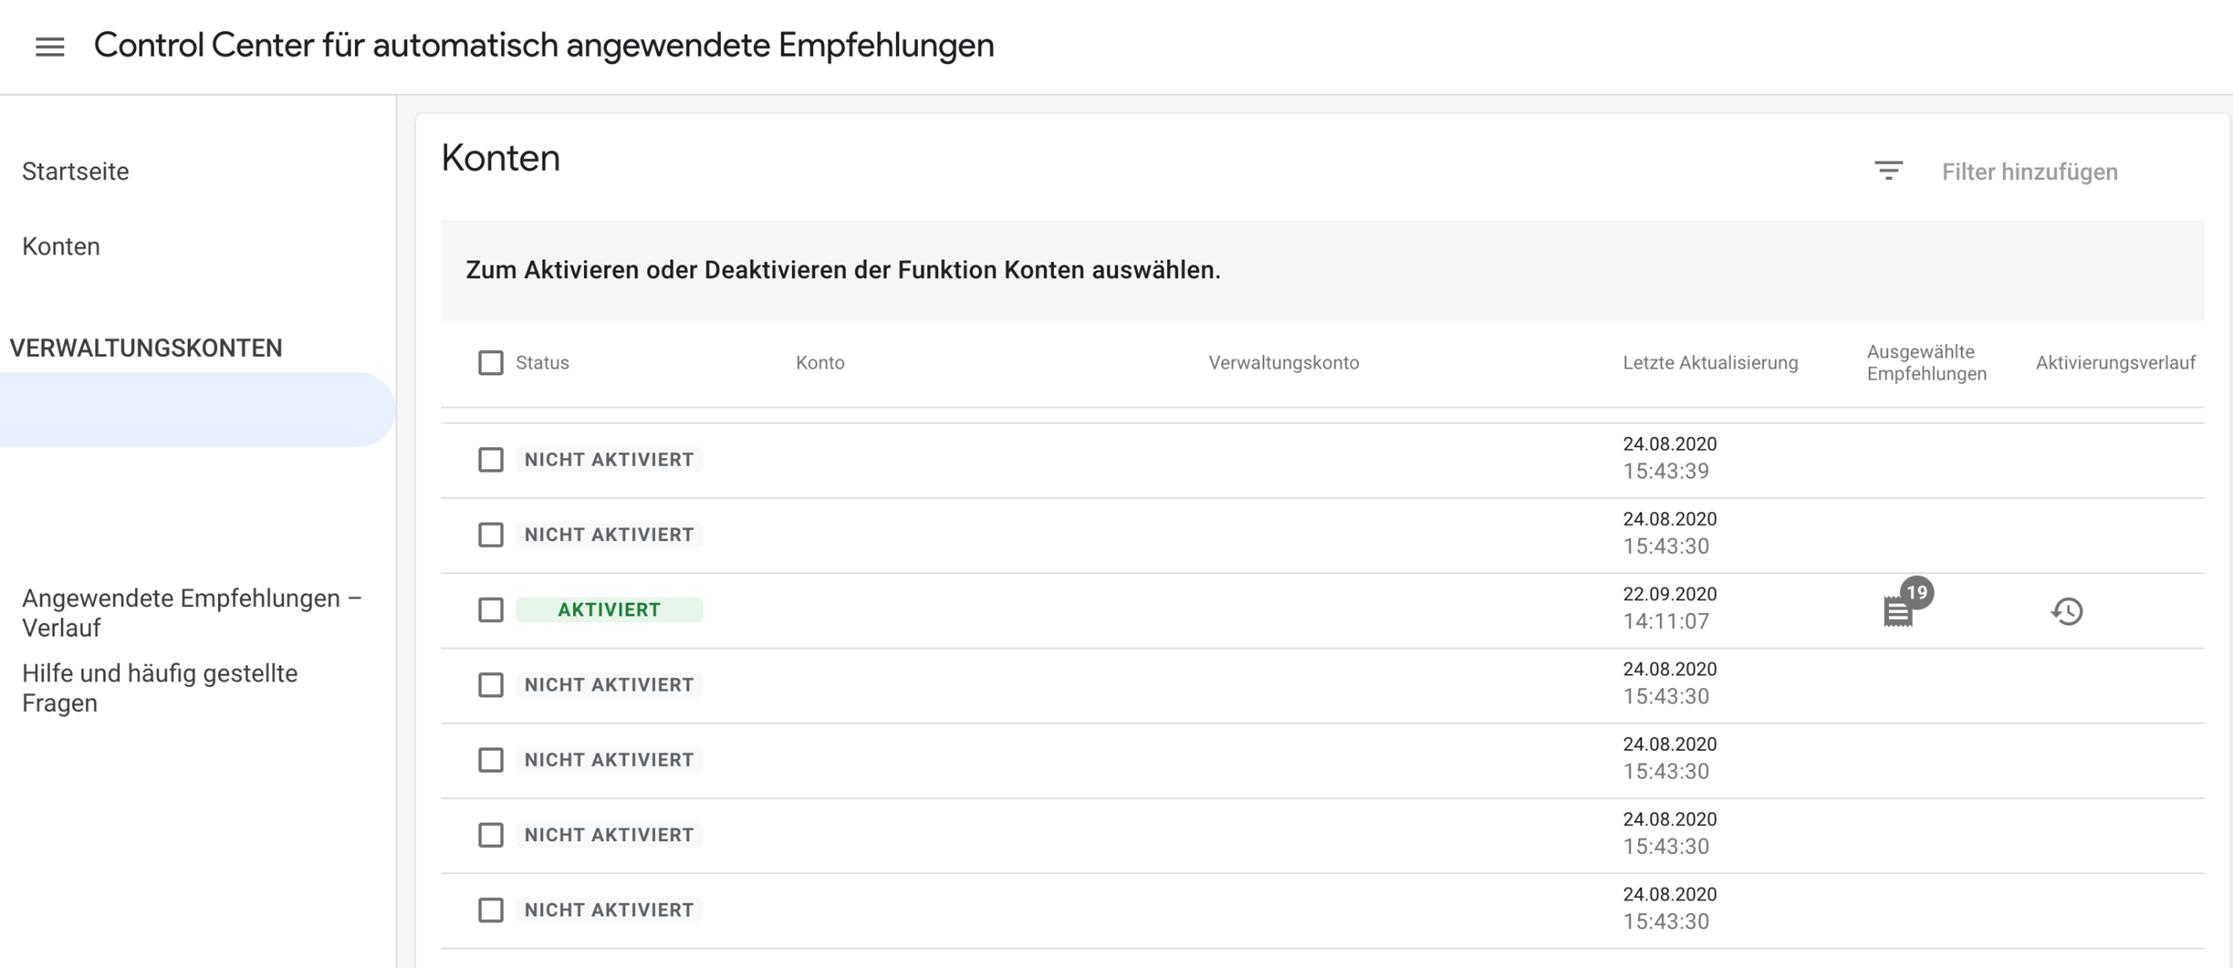 Screenshot Google Ads Control Center für automatisch angewendete Empfehlungen